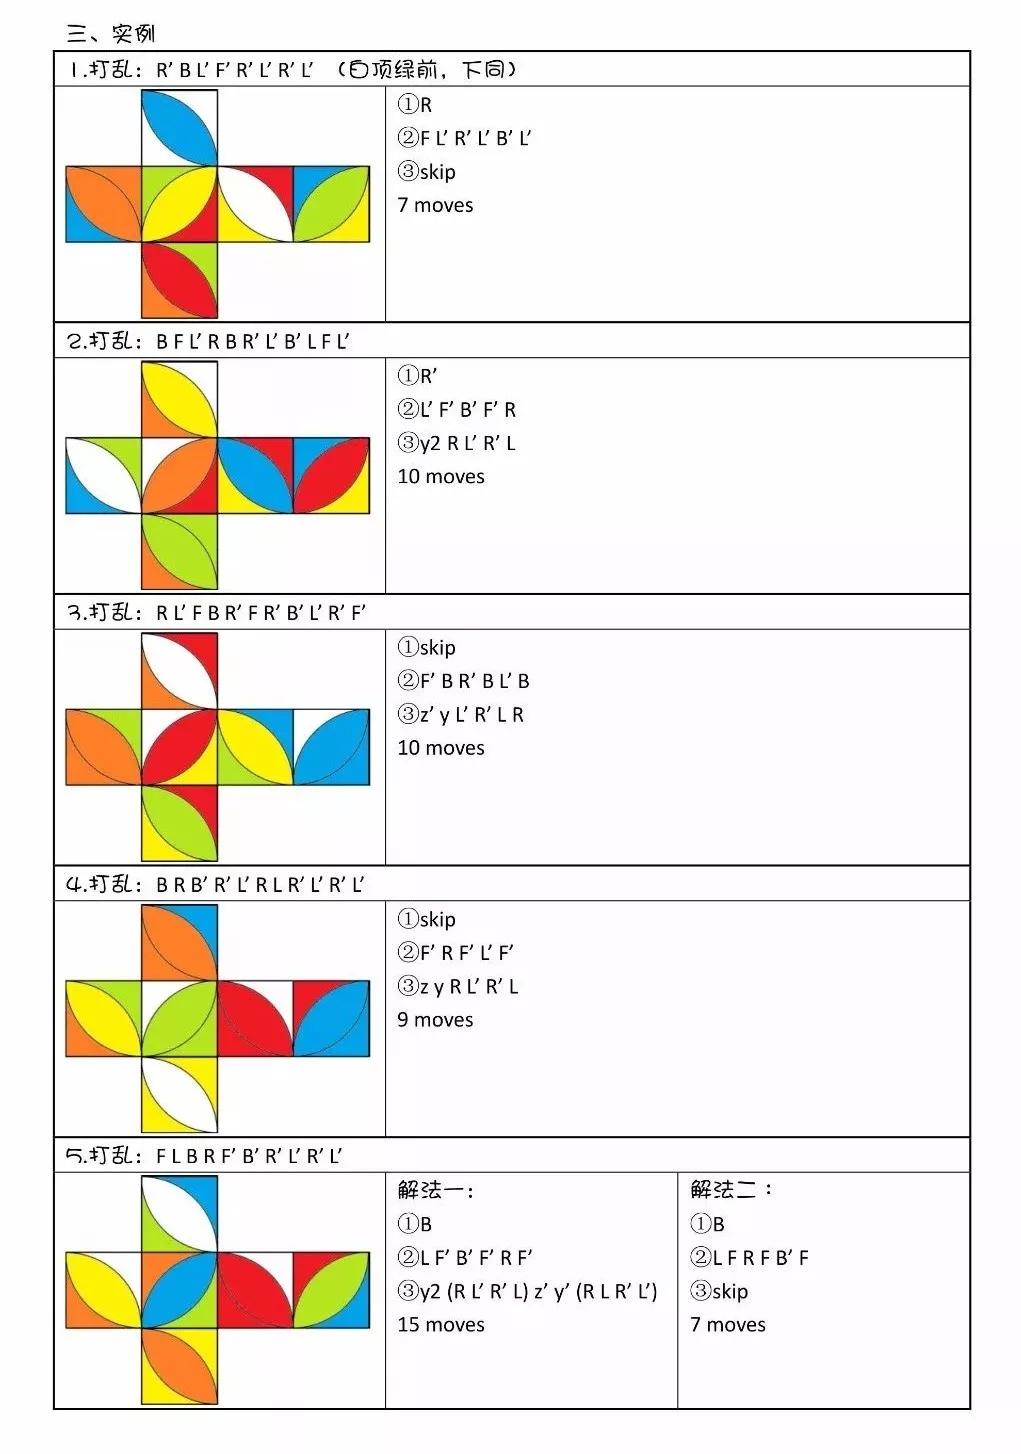 枫叶魔方角先法复原教程,枫叶魔方图解公式,枫叶魔方还原口诀